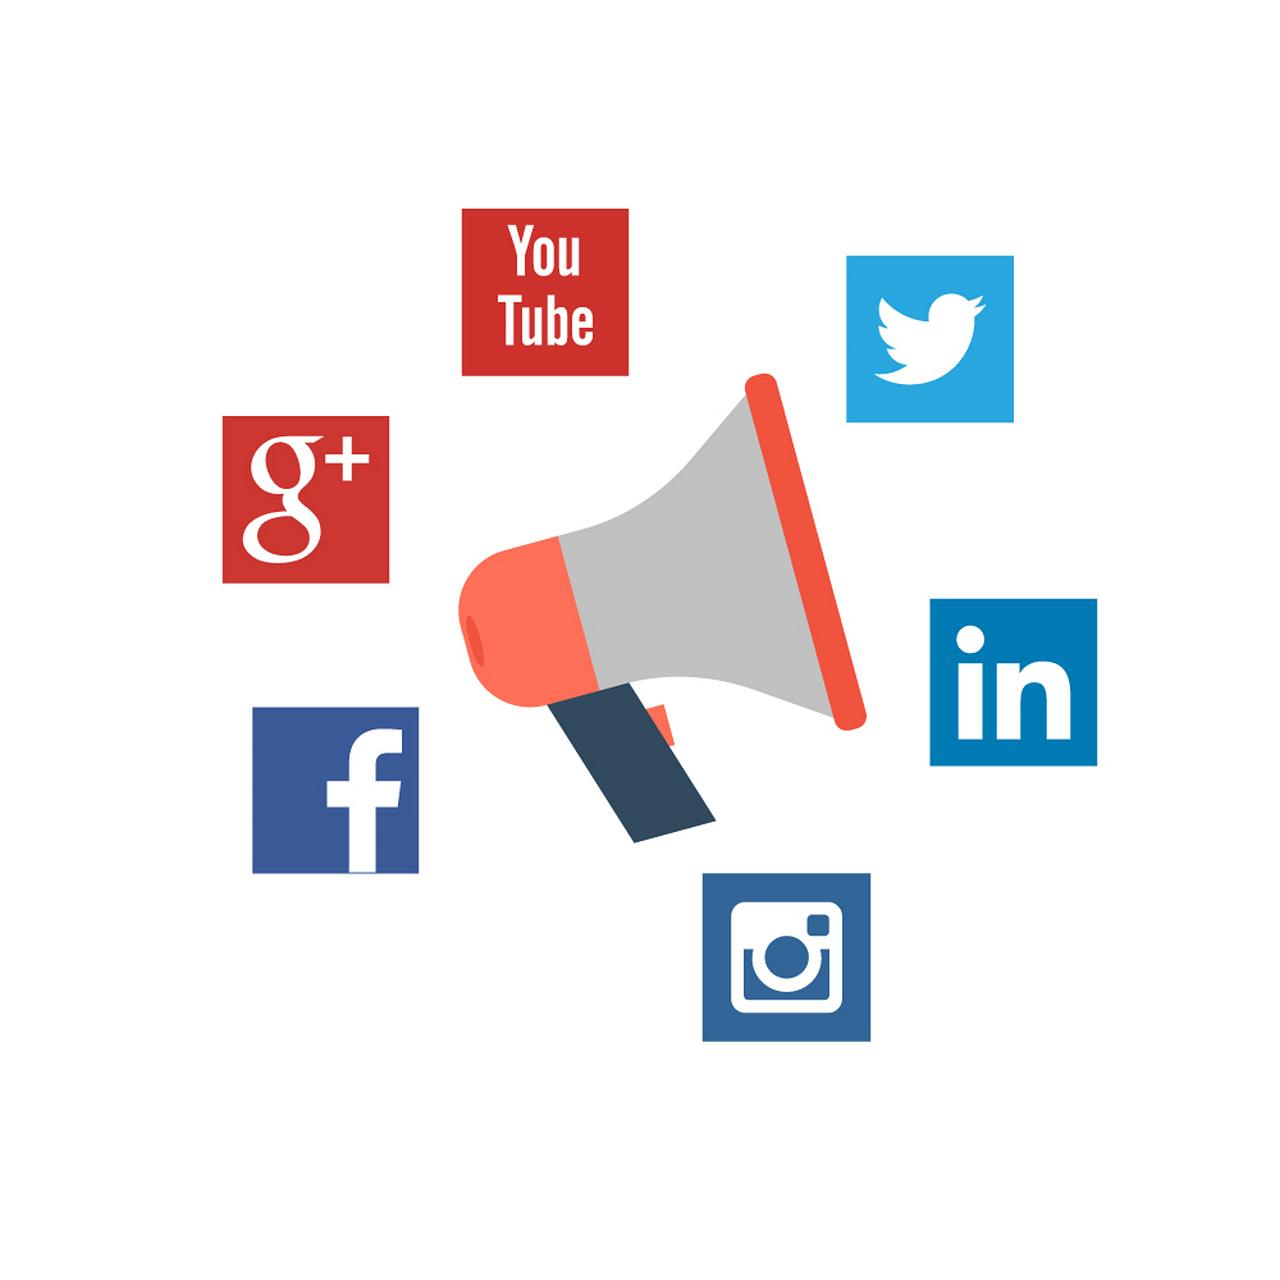 Usare tutti i social network a disposizione, è la scelta giusta?